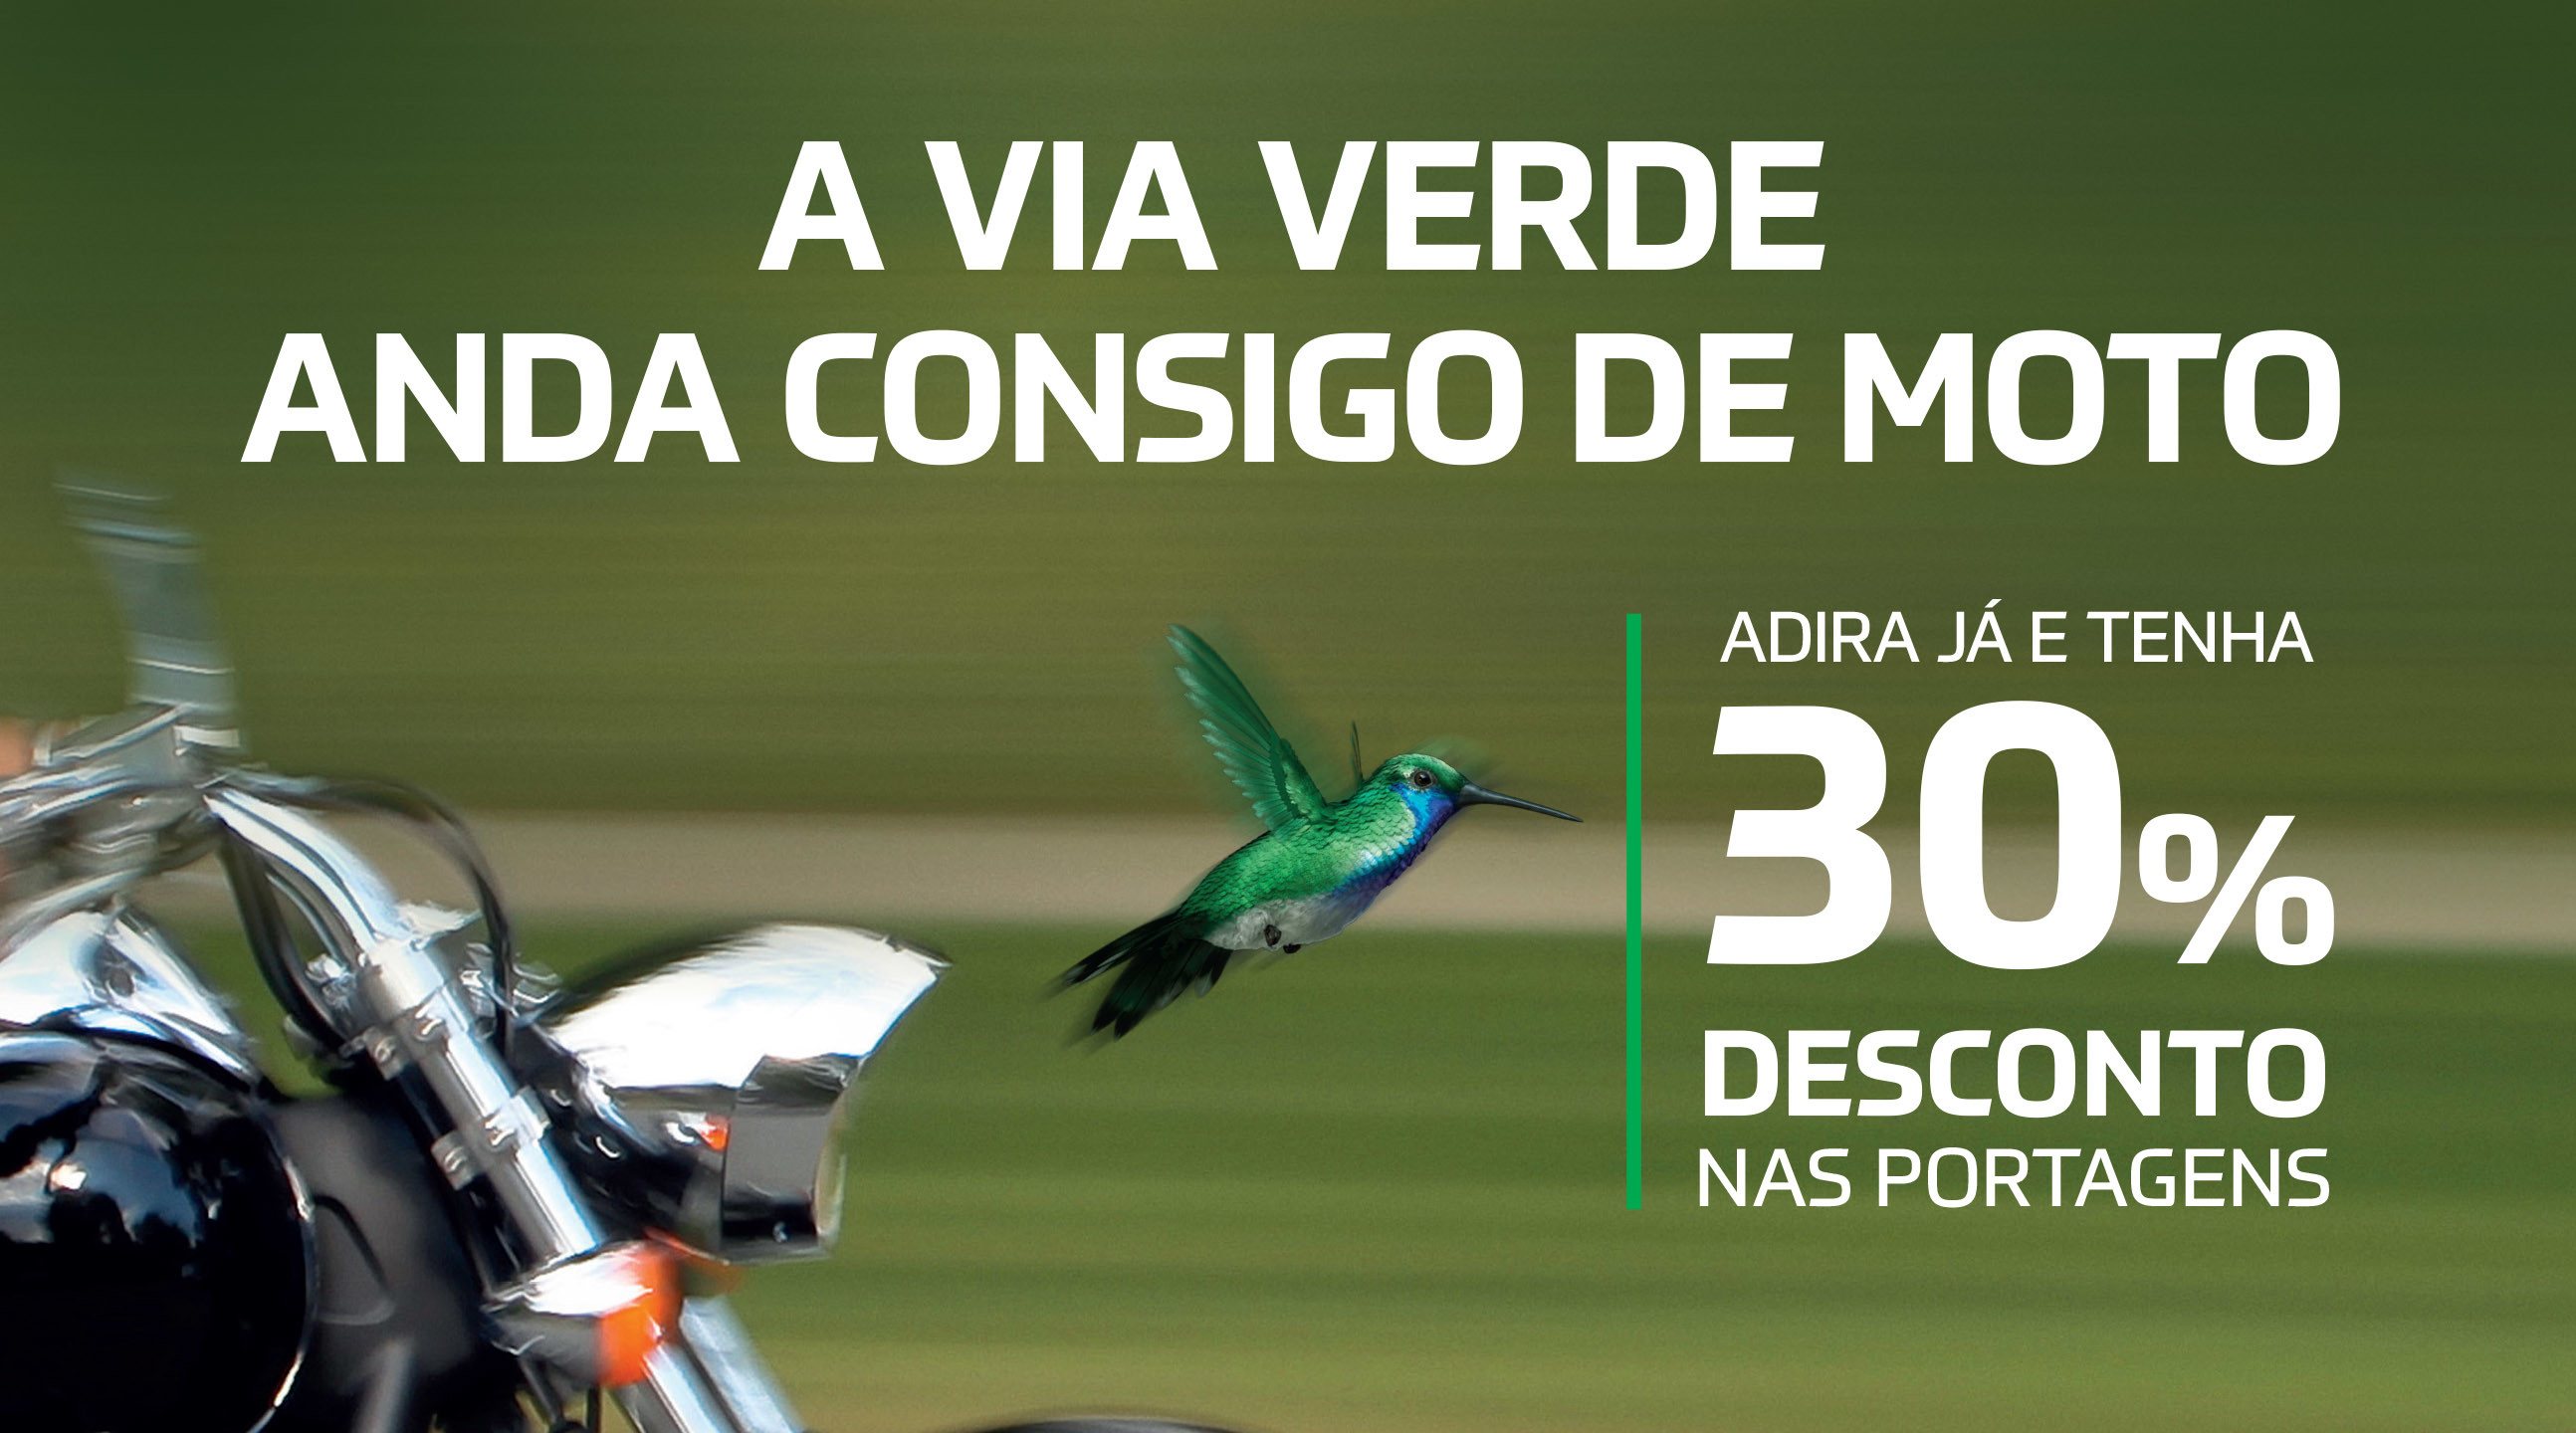 Via Verde oferece vantagens a motards